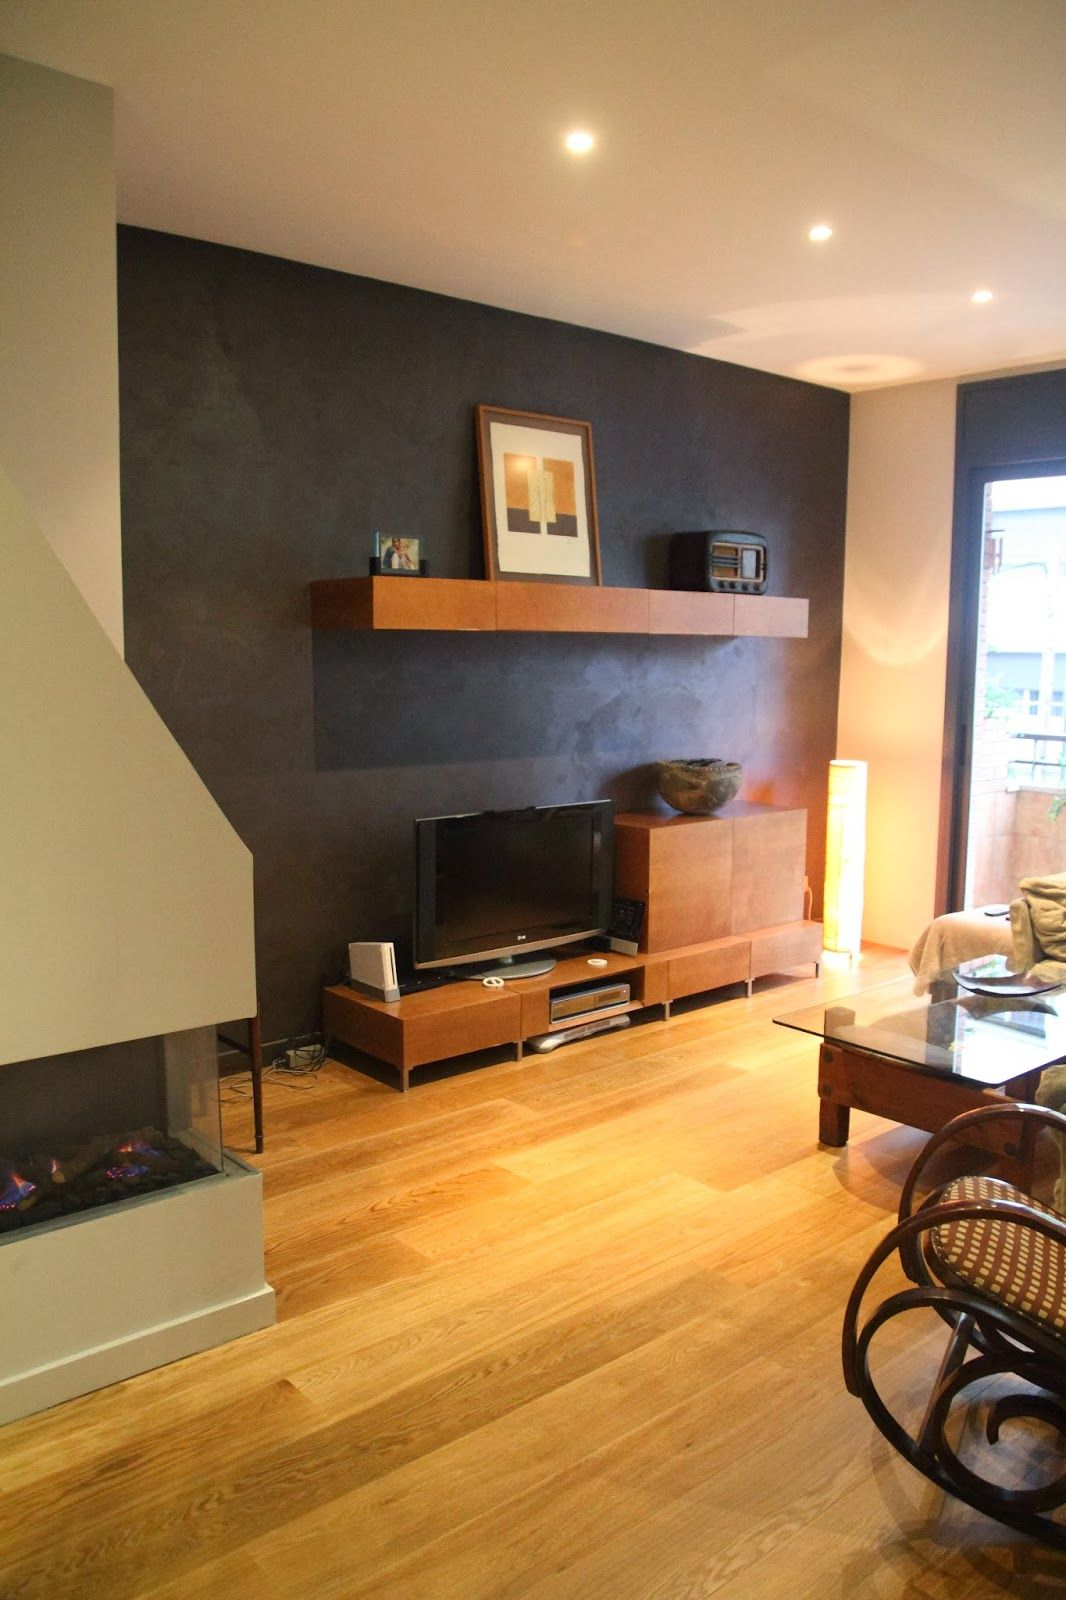 Federico Centarti Studio: Restauración piso completo, 90 m2   2013 - Microcemento, Antico Velluto, ideas de pintura.